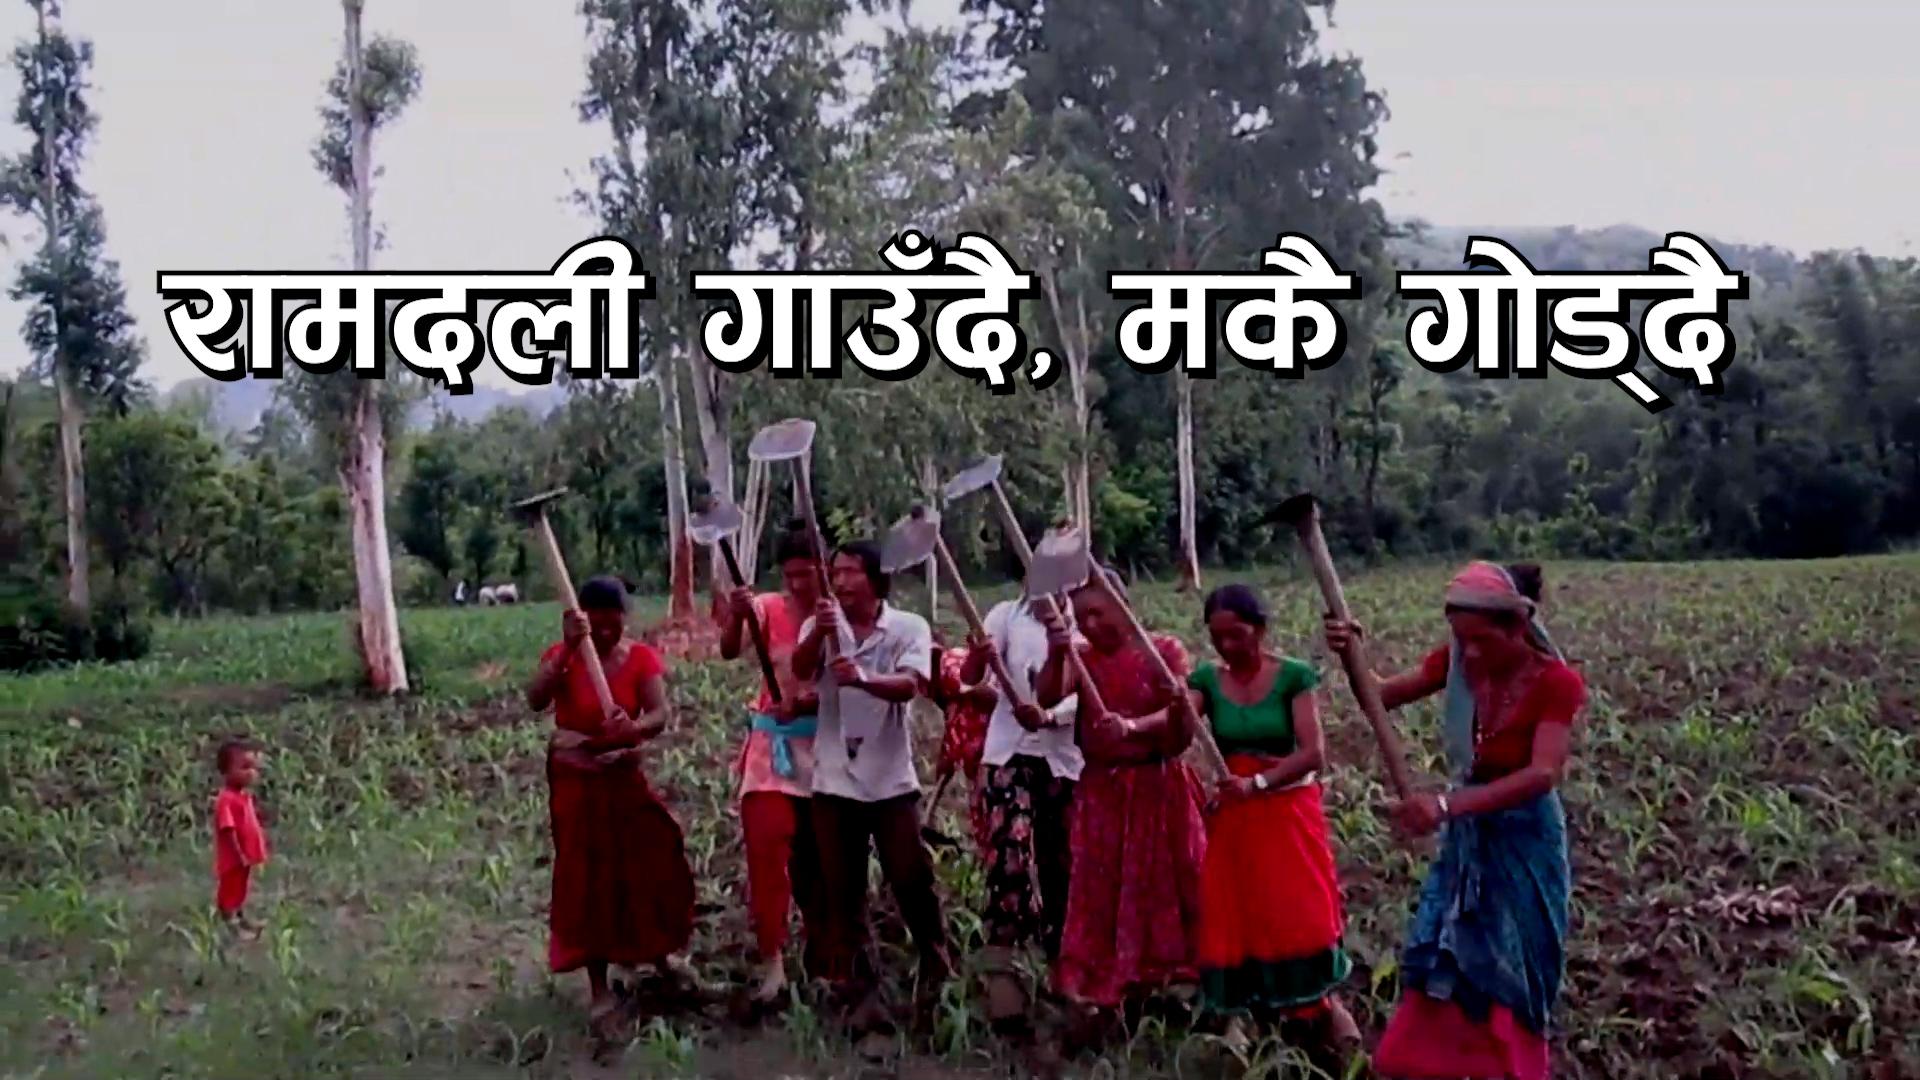 रामदली गाउँदै, मकै गोड्दै [भिडियो]